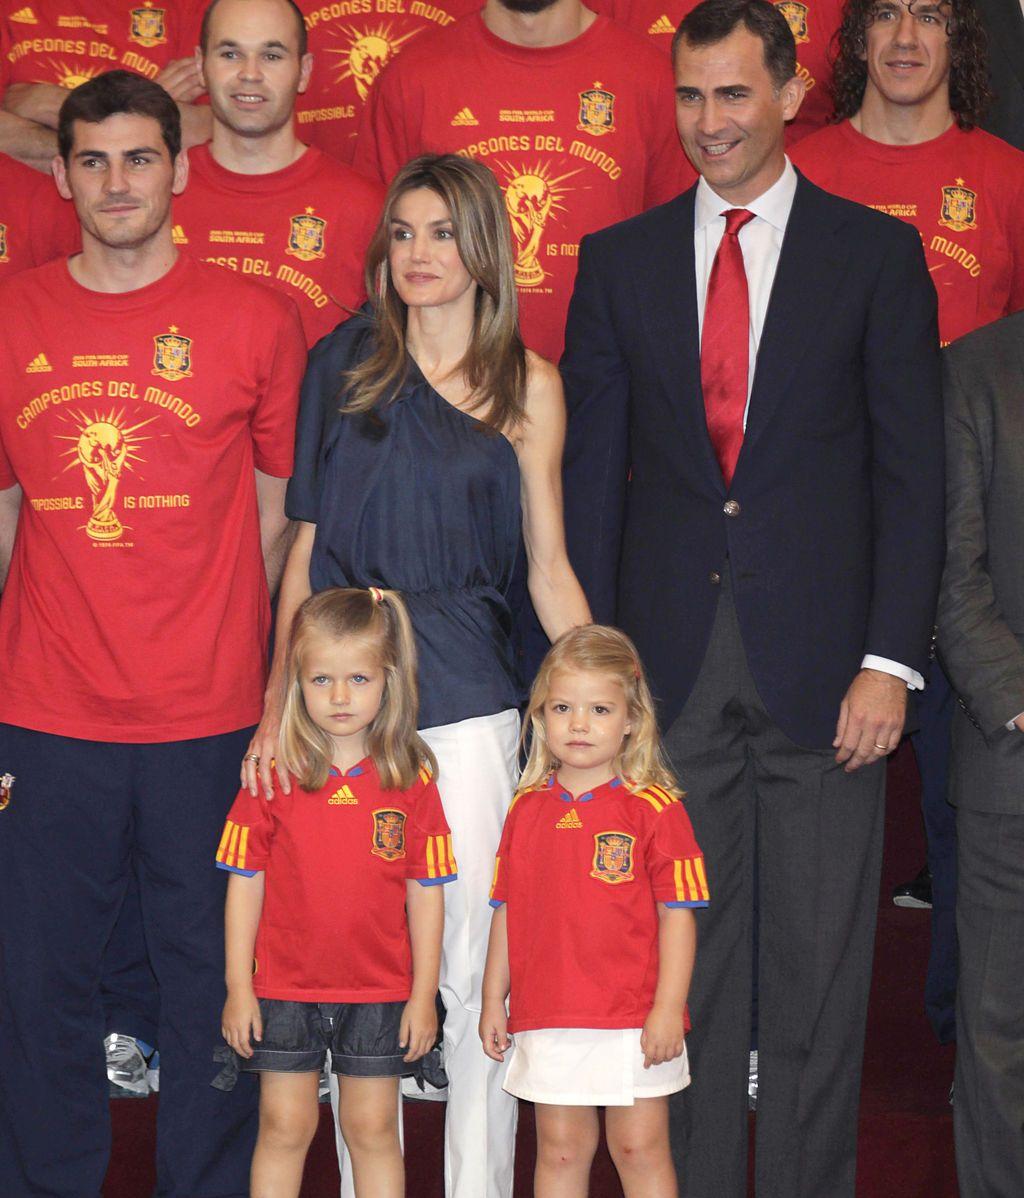 Incluso cuando la Selección ganó el mundial... ¡allí estaban ellas luciendo camiseta!